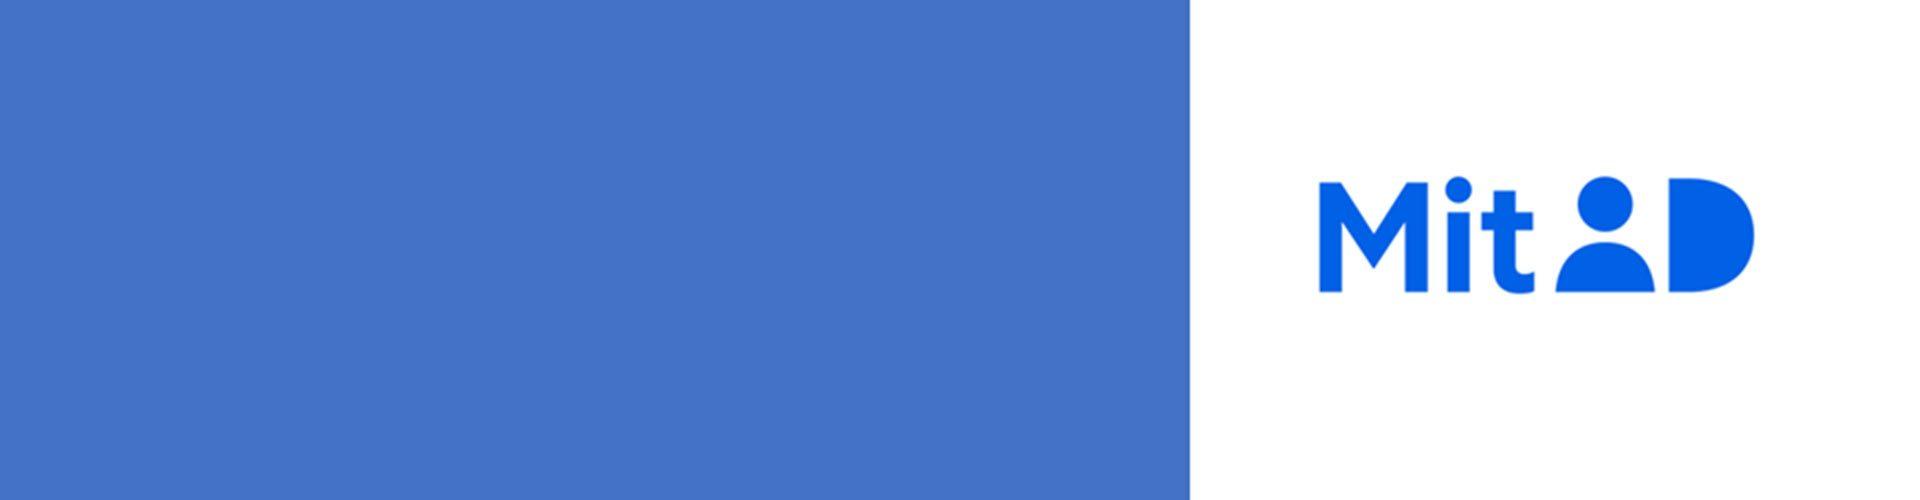 MitID - forside hjemmeside - 1920 x 500